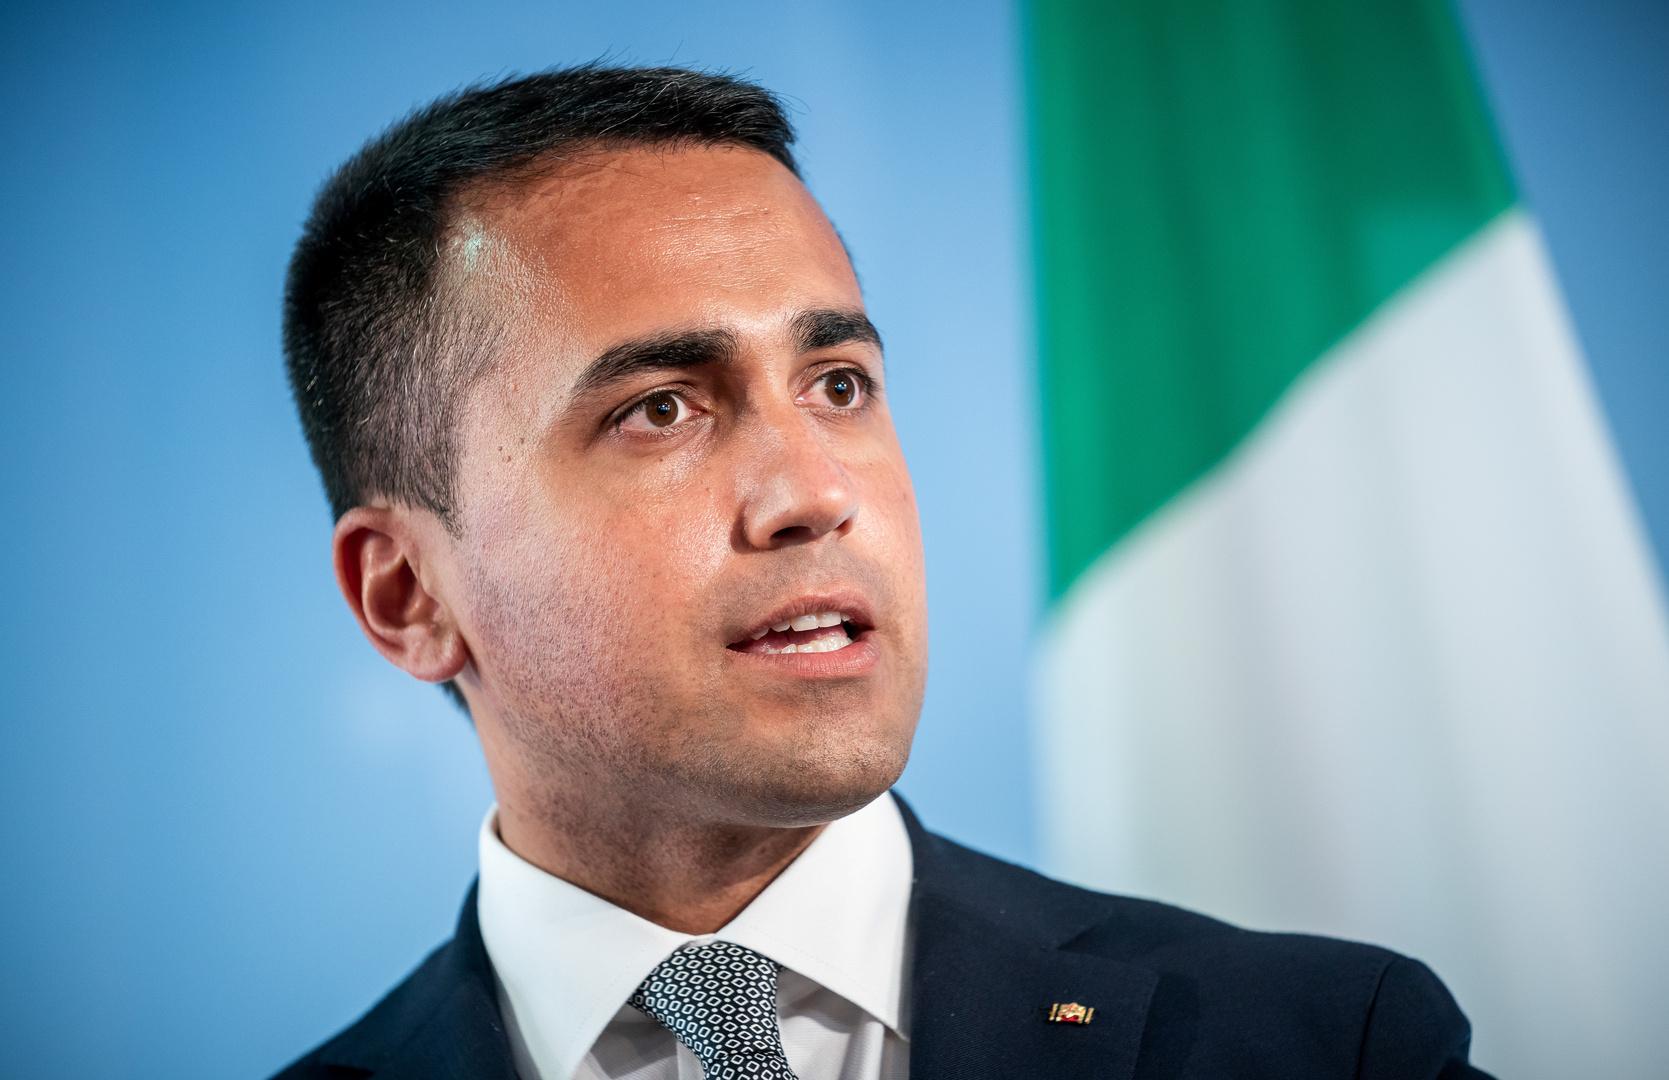 دي مايو يلتقي صالح ويؤكد أهمية اعتماد القاعدة الدستورية والميزانية الموحدة